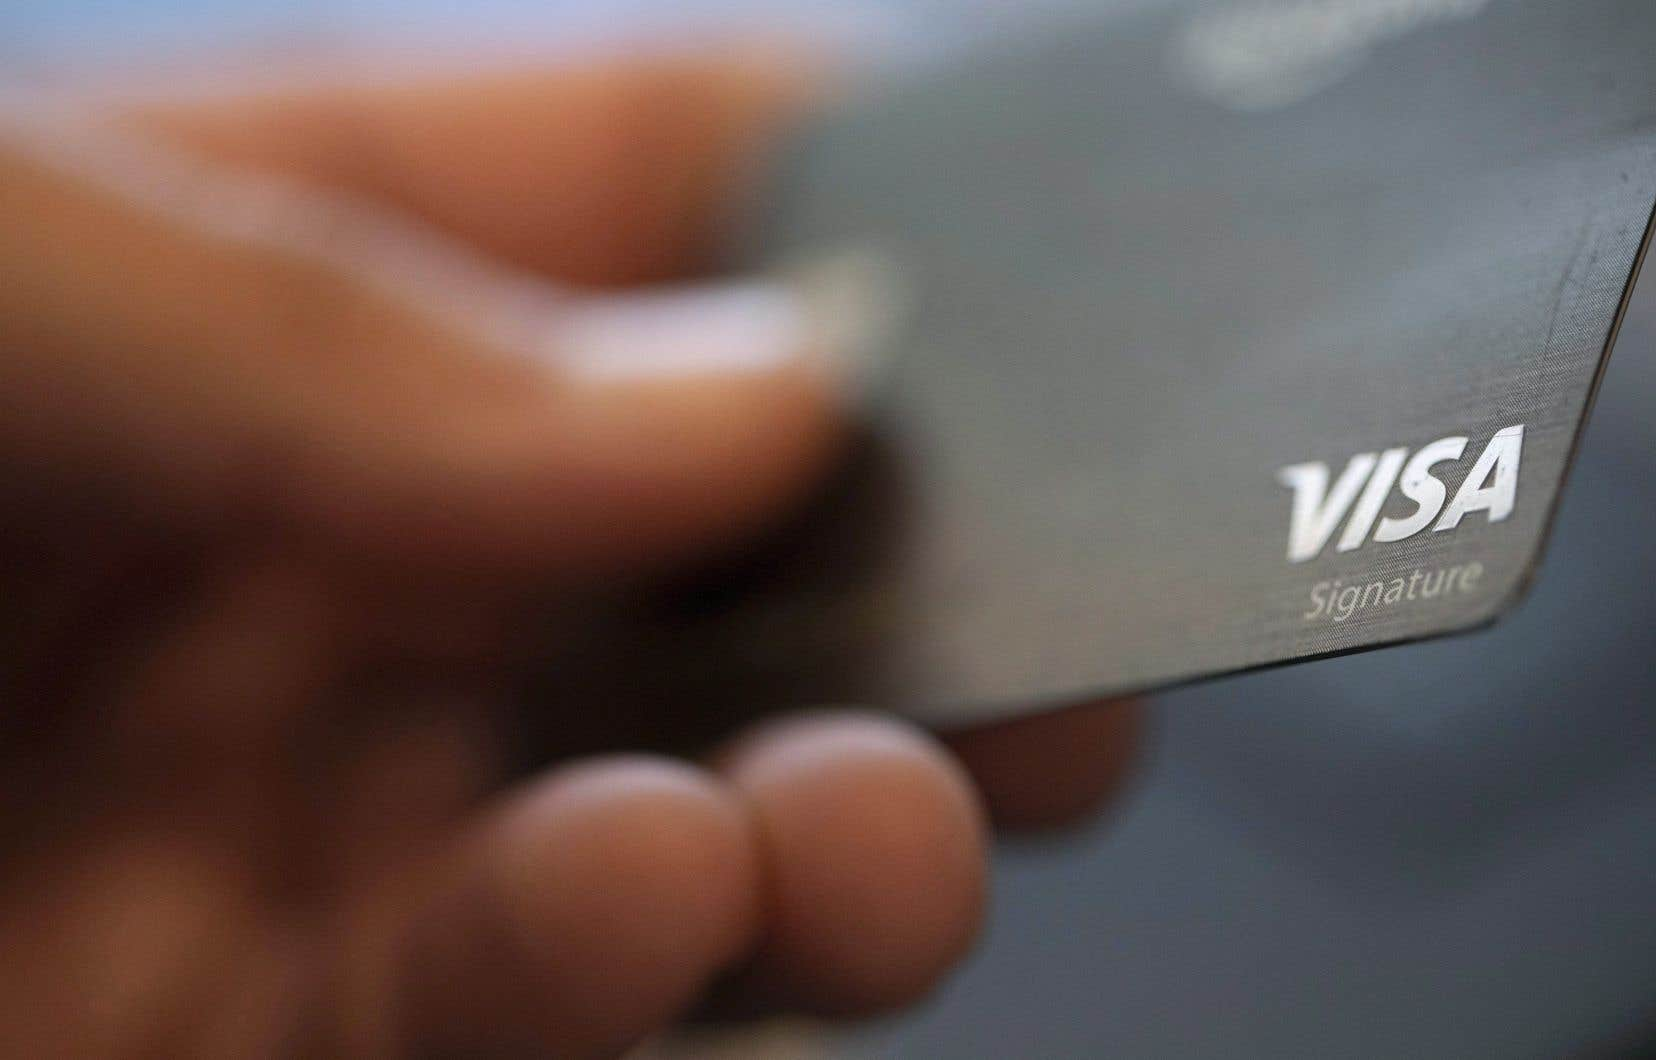 Les taux de cartes de crédit, souvent très élevés, causent un stress financier supplémentaire aux Canadiens qui ont perdu des revenus en raison de la pandémie de COVID-19.